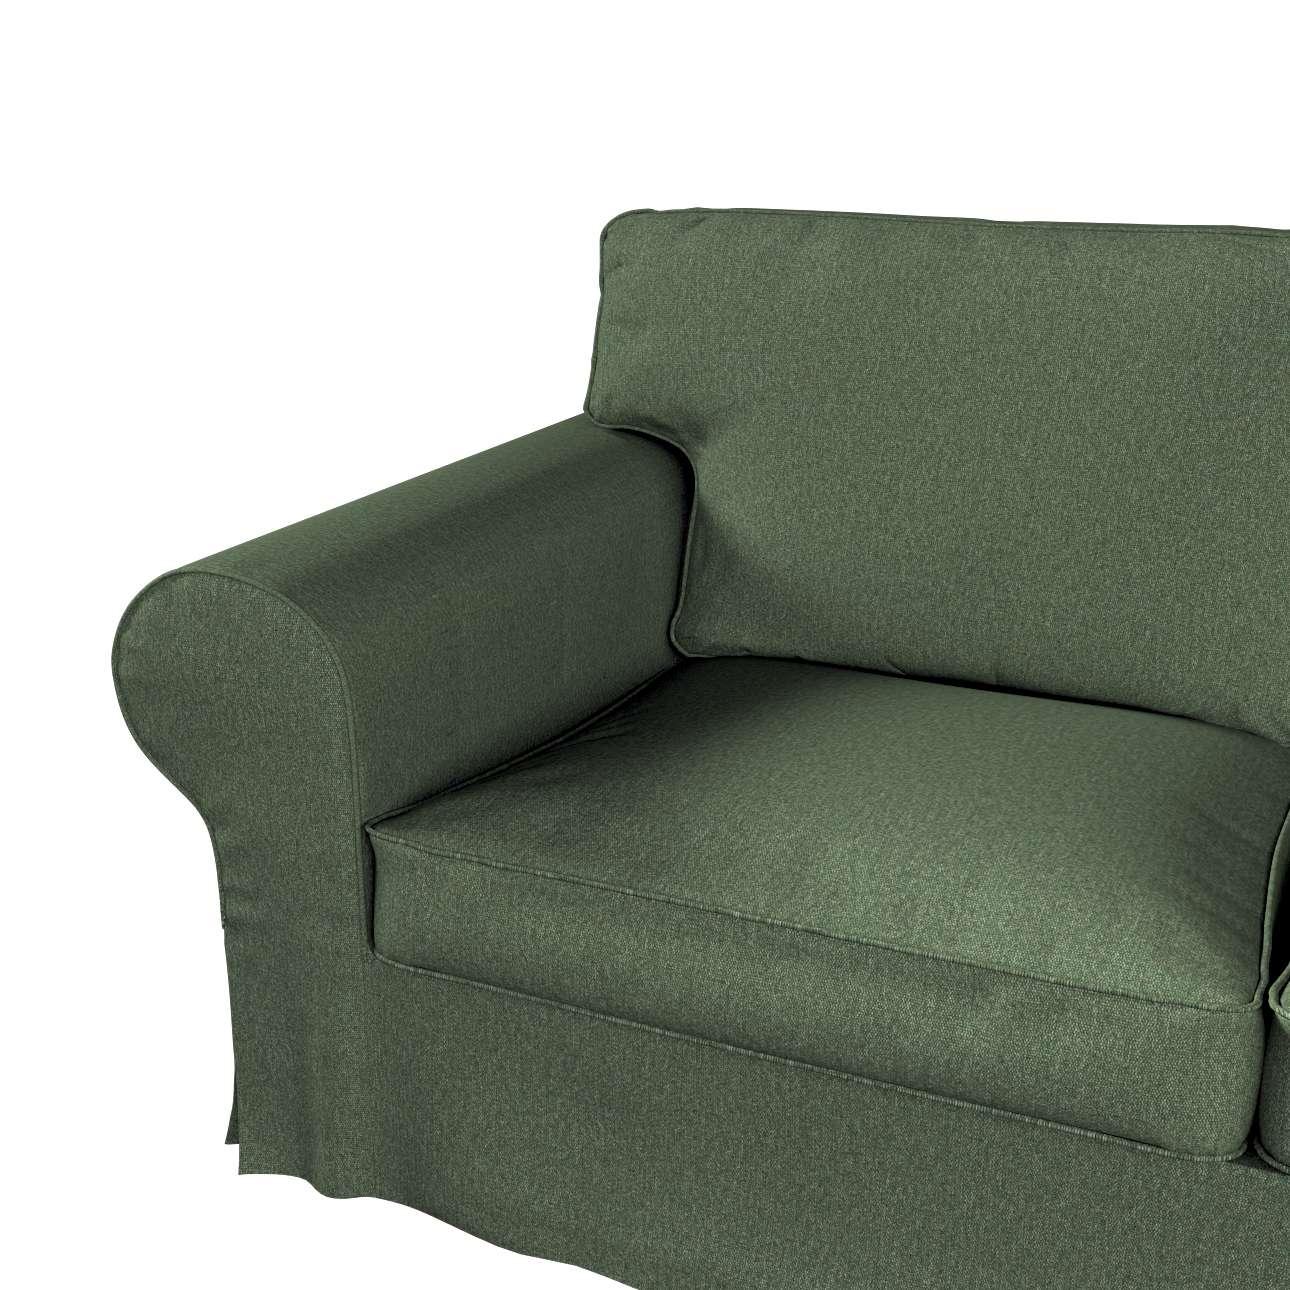 Pokrowiec na sofę Ektorp 2-osobową i leżankę w kolekcji Amsterdam, tkanina: 704-44